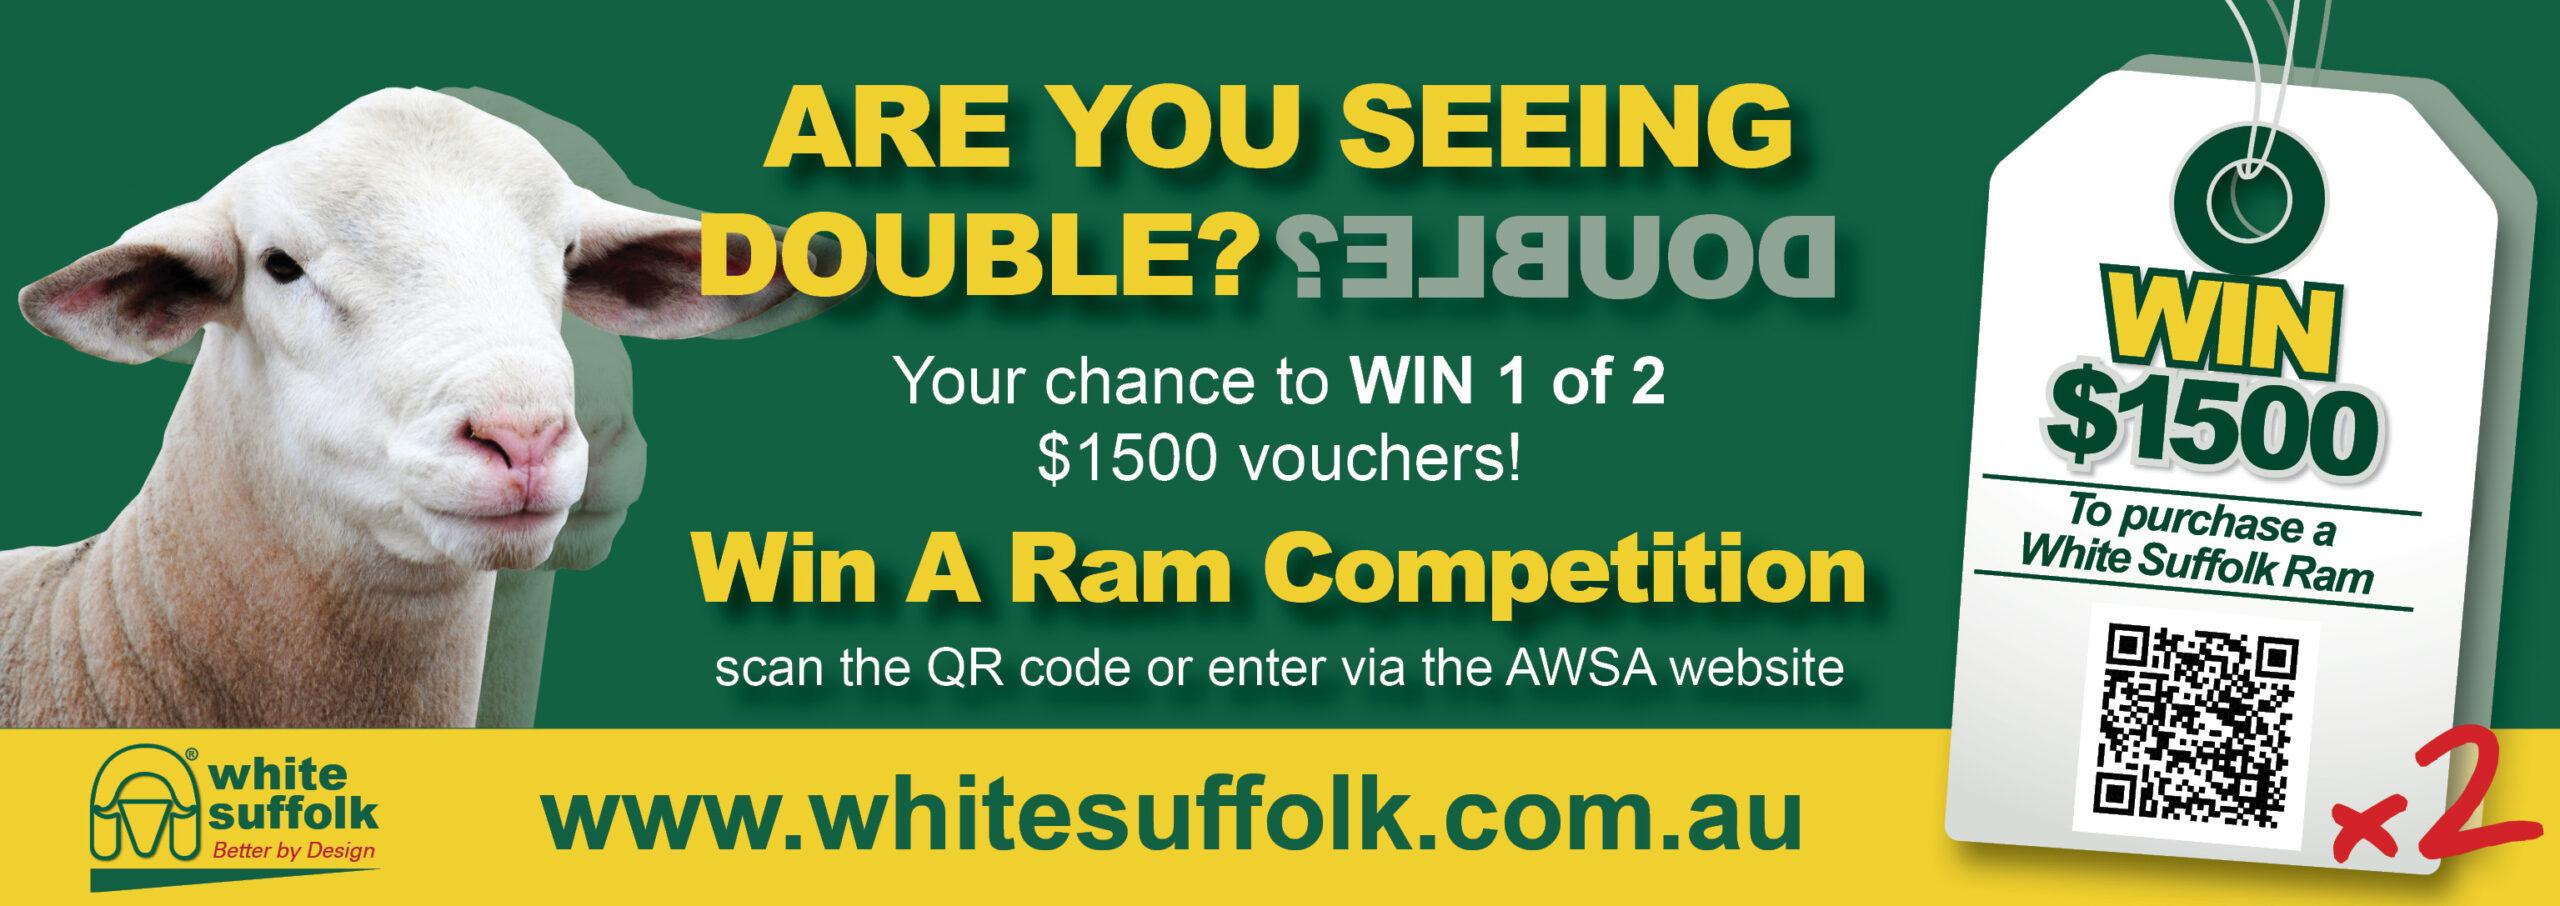 T24 - Win A Ram AWSA Advert - 2021